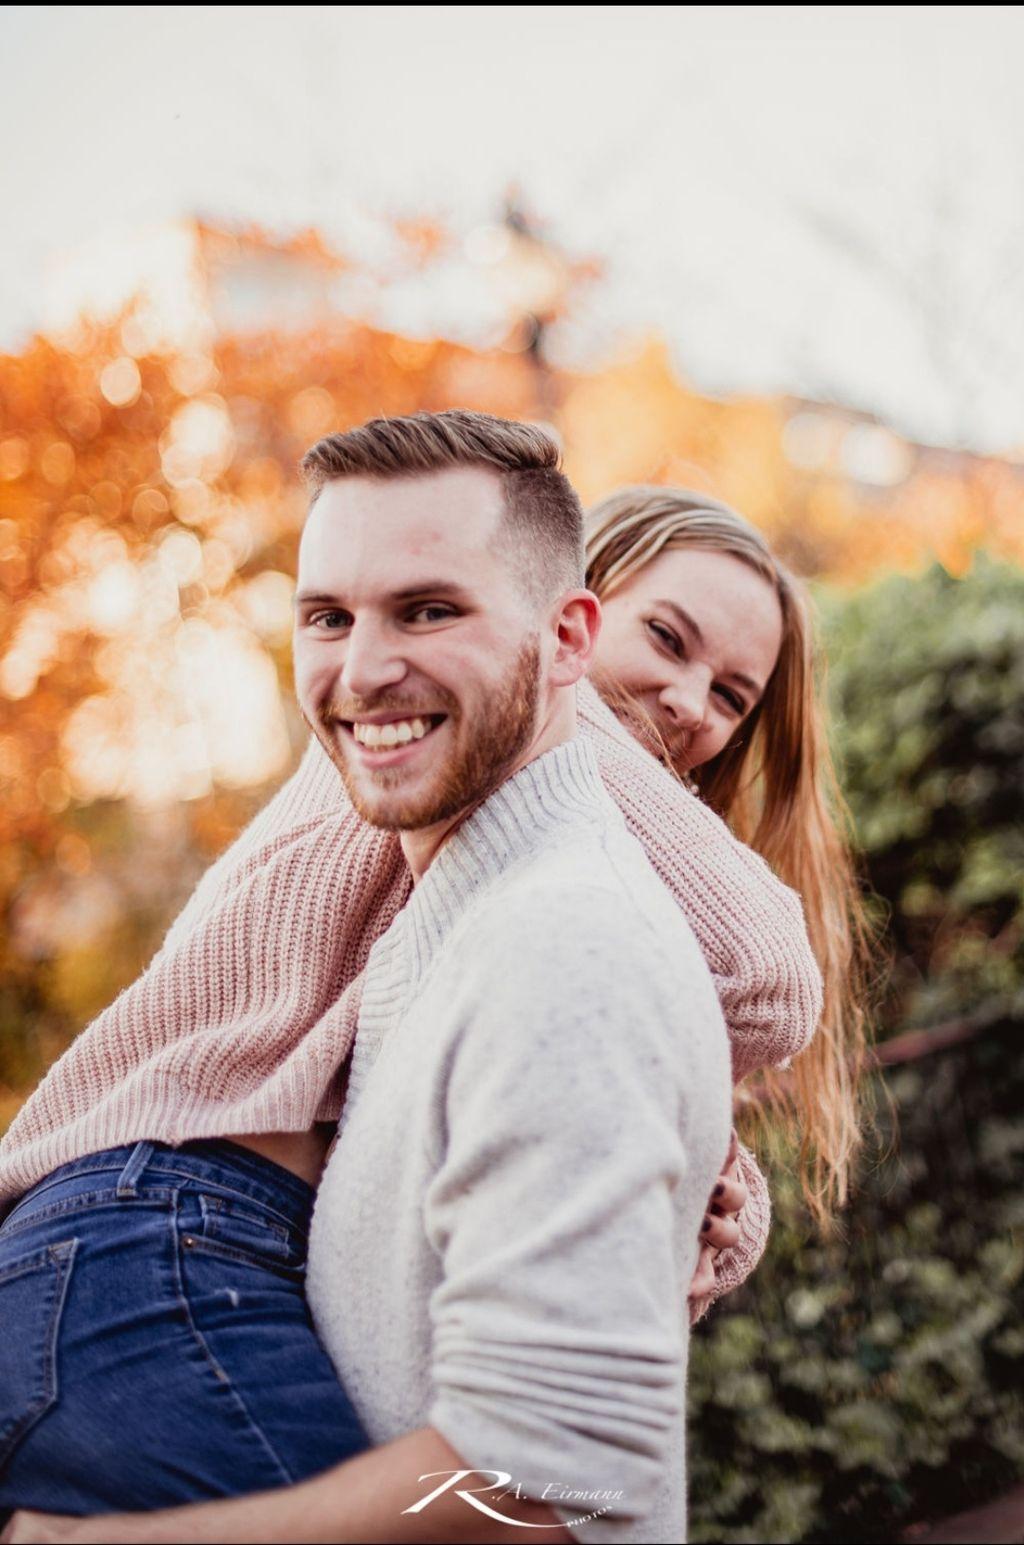 Engagement Photography - Maryland 2020